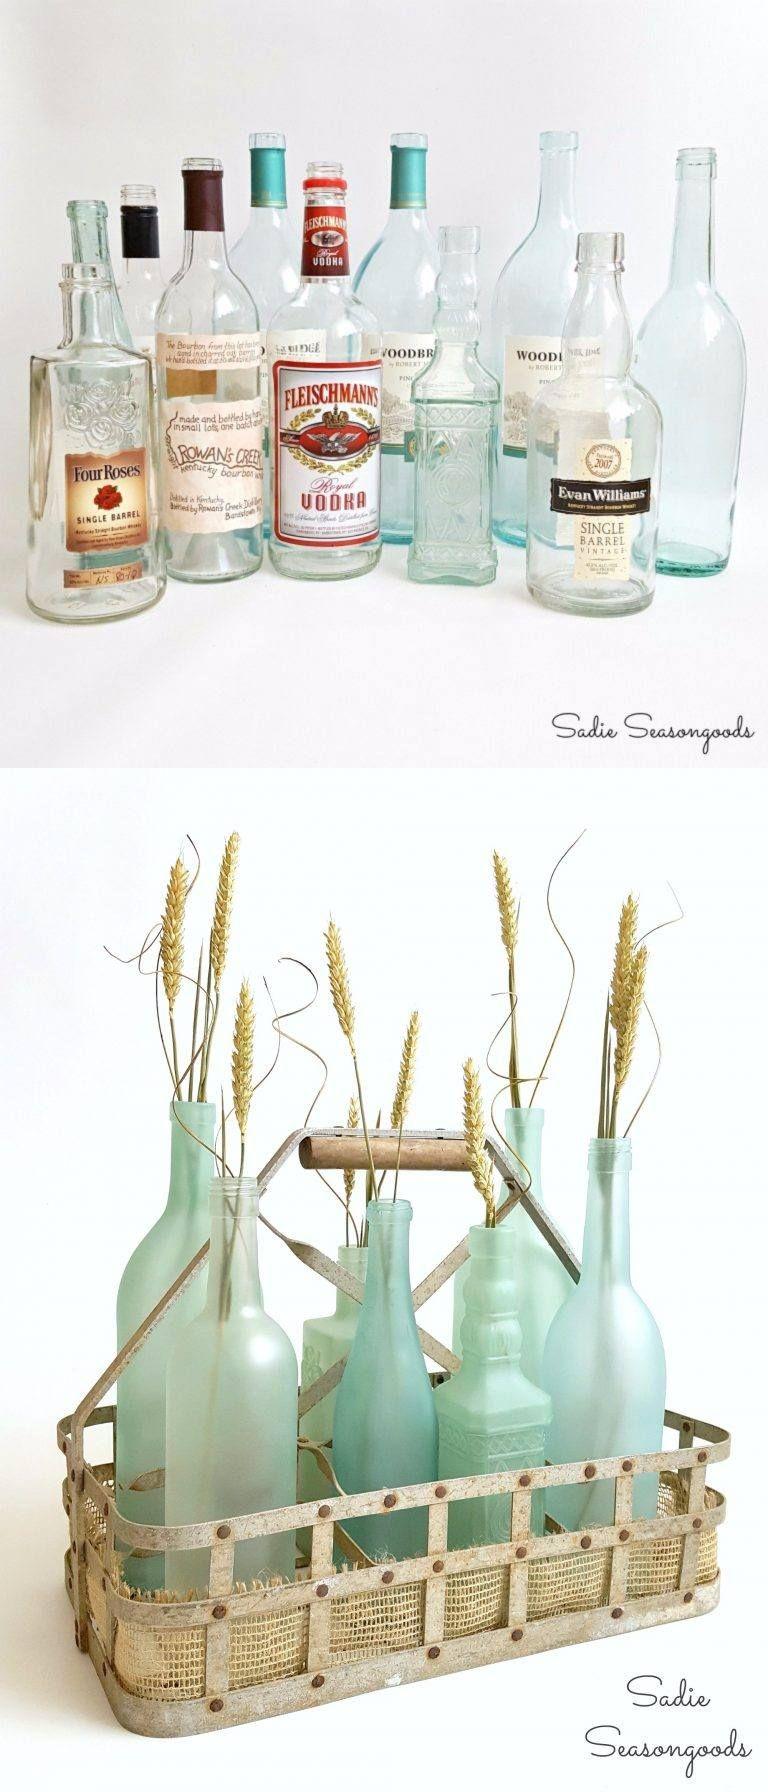 Craft Project: Make Enameled Bottles